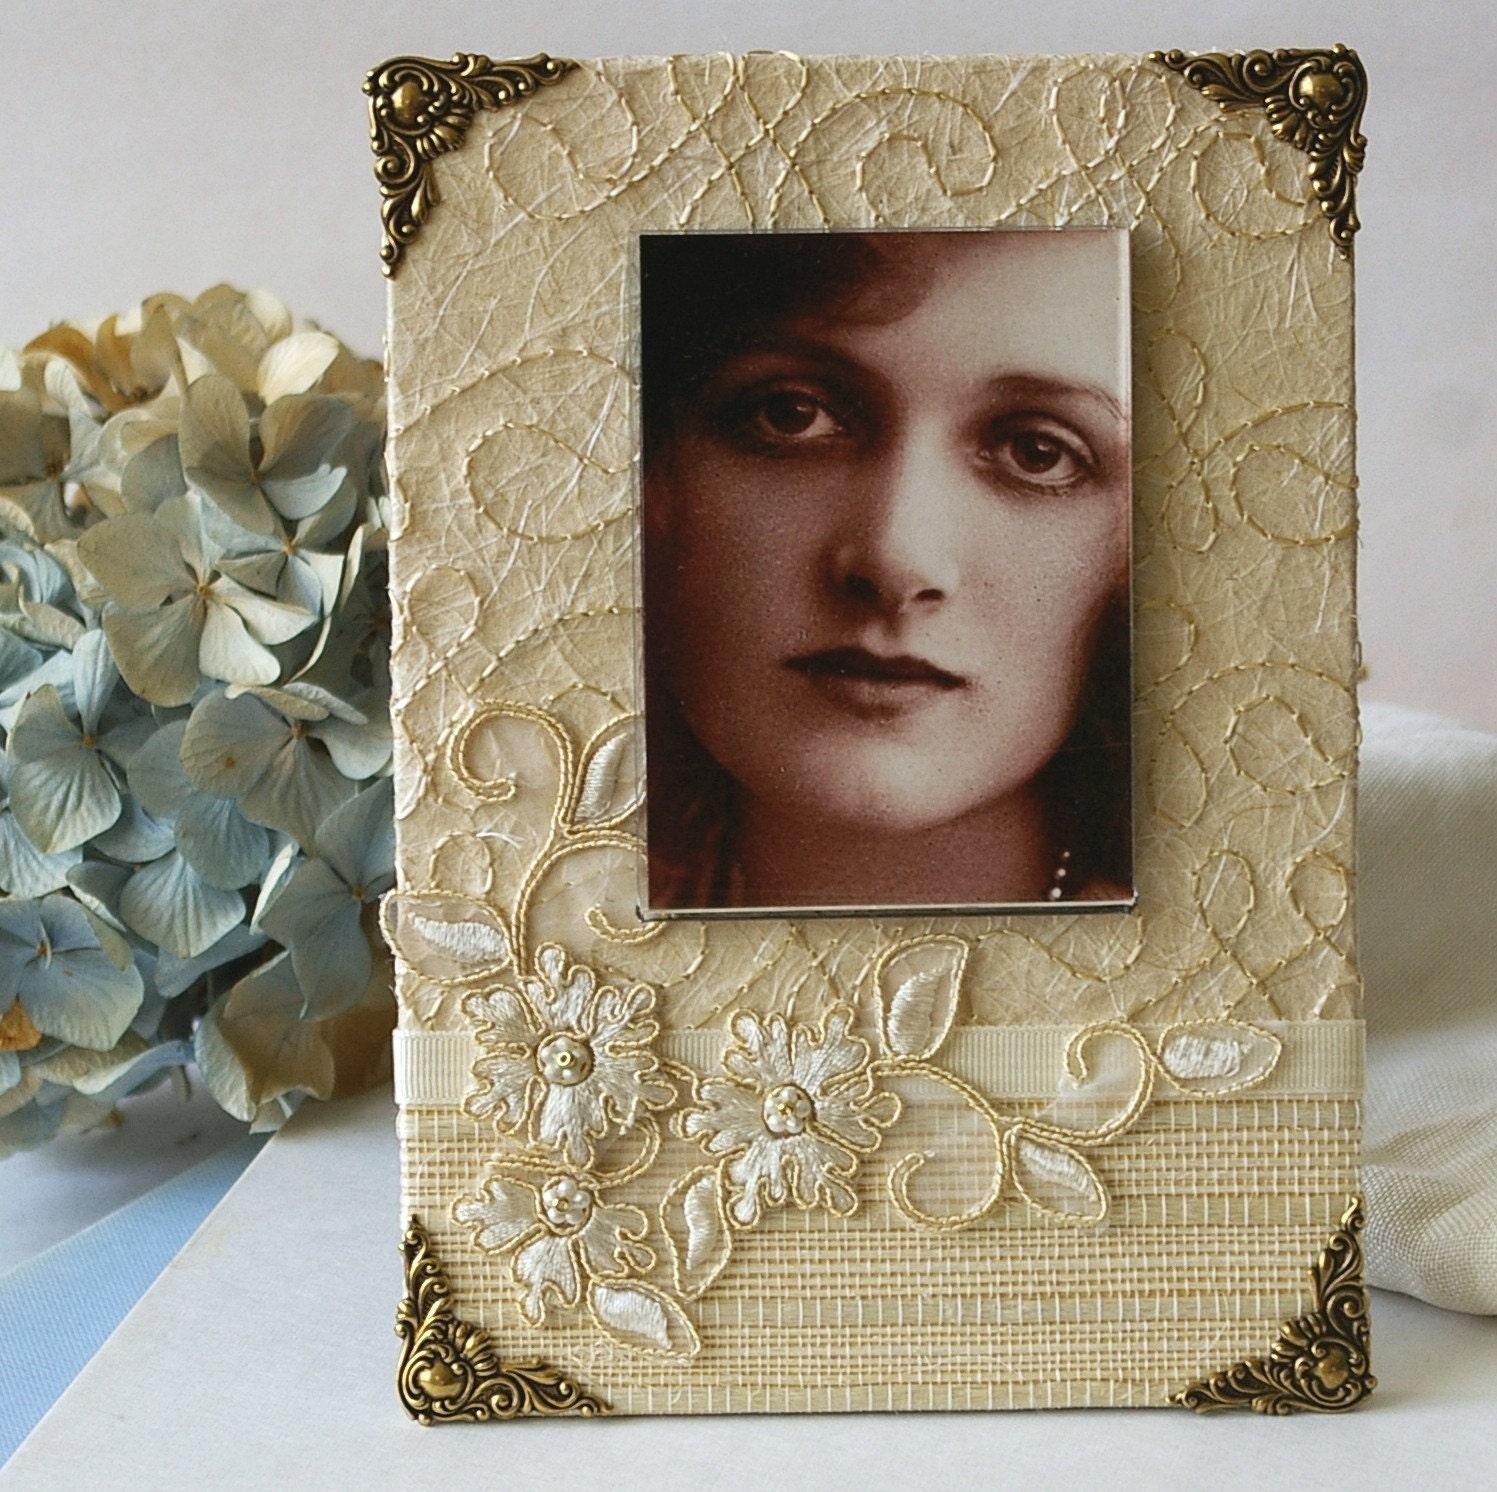 Декоративная рамка для фотографий, ручная работа, сливки, для невесты, невесты подарки